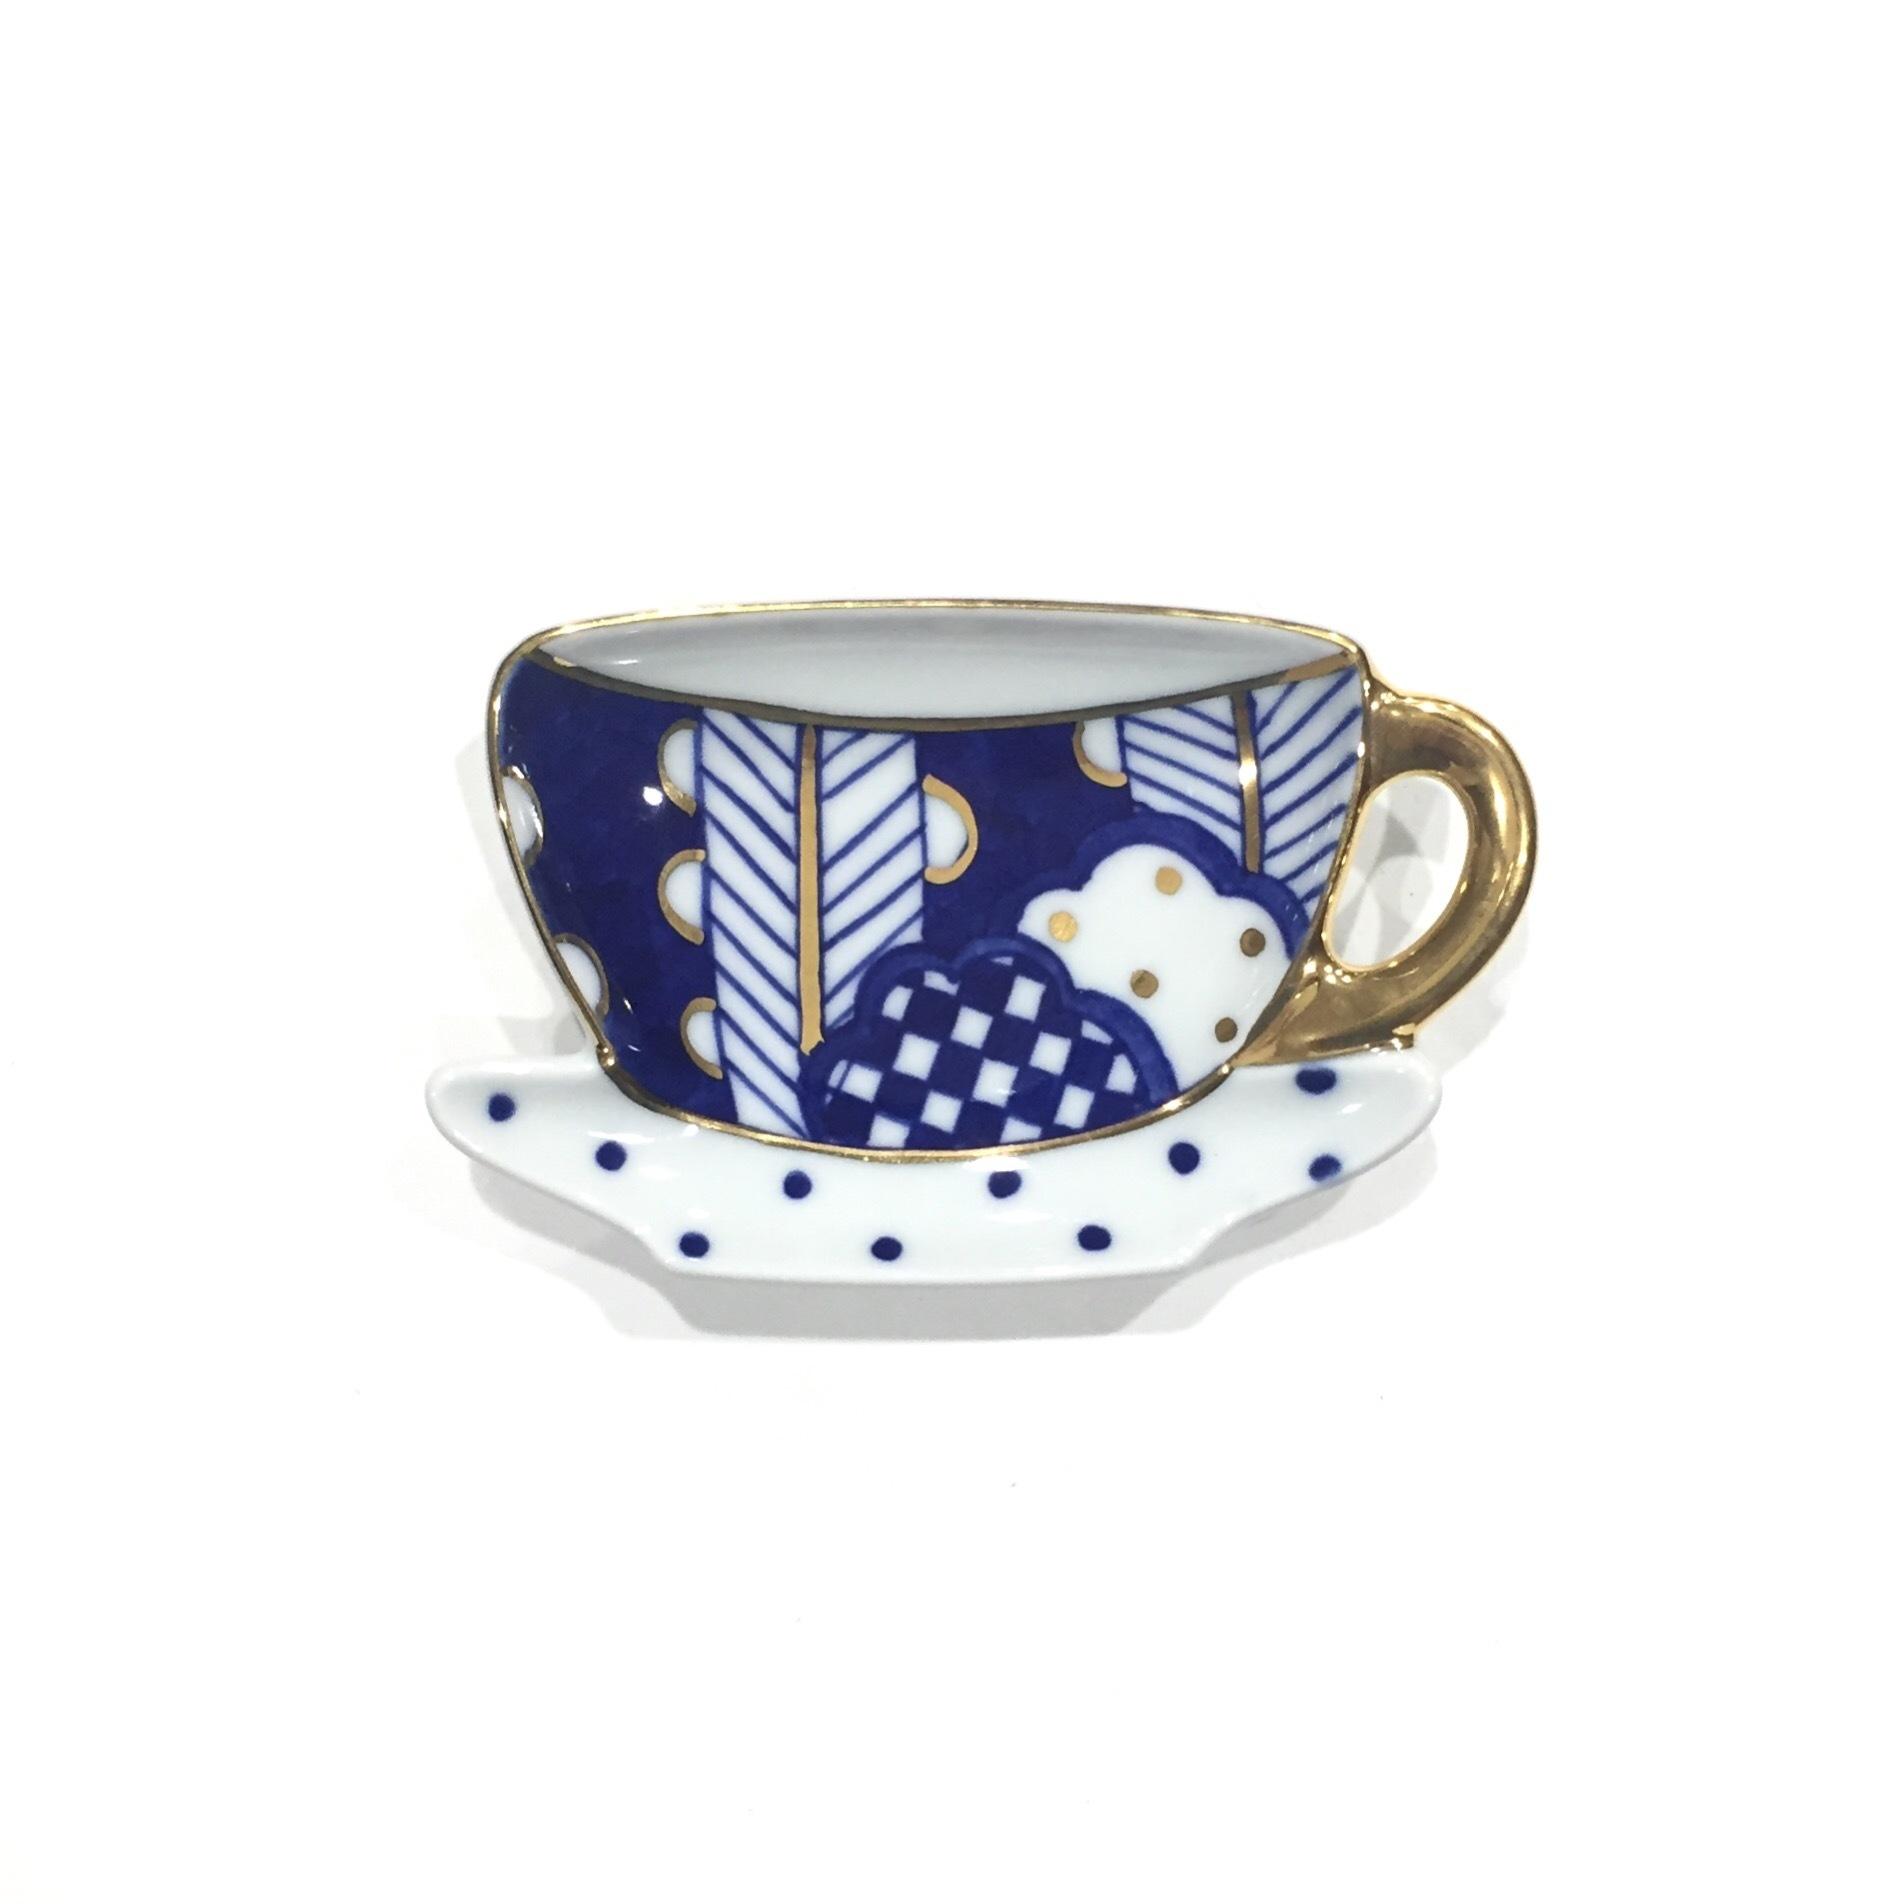 矢羽根丸紋  ティーカップ型プレート